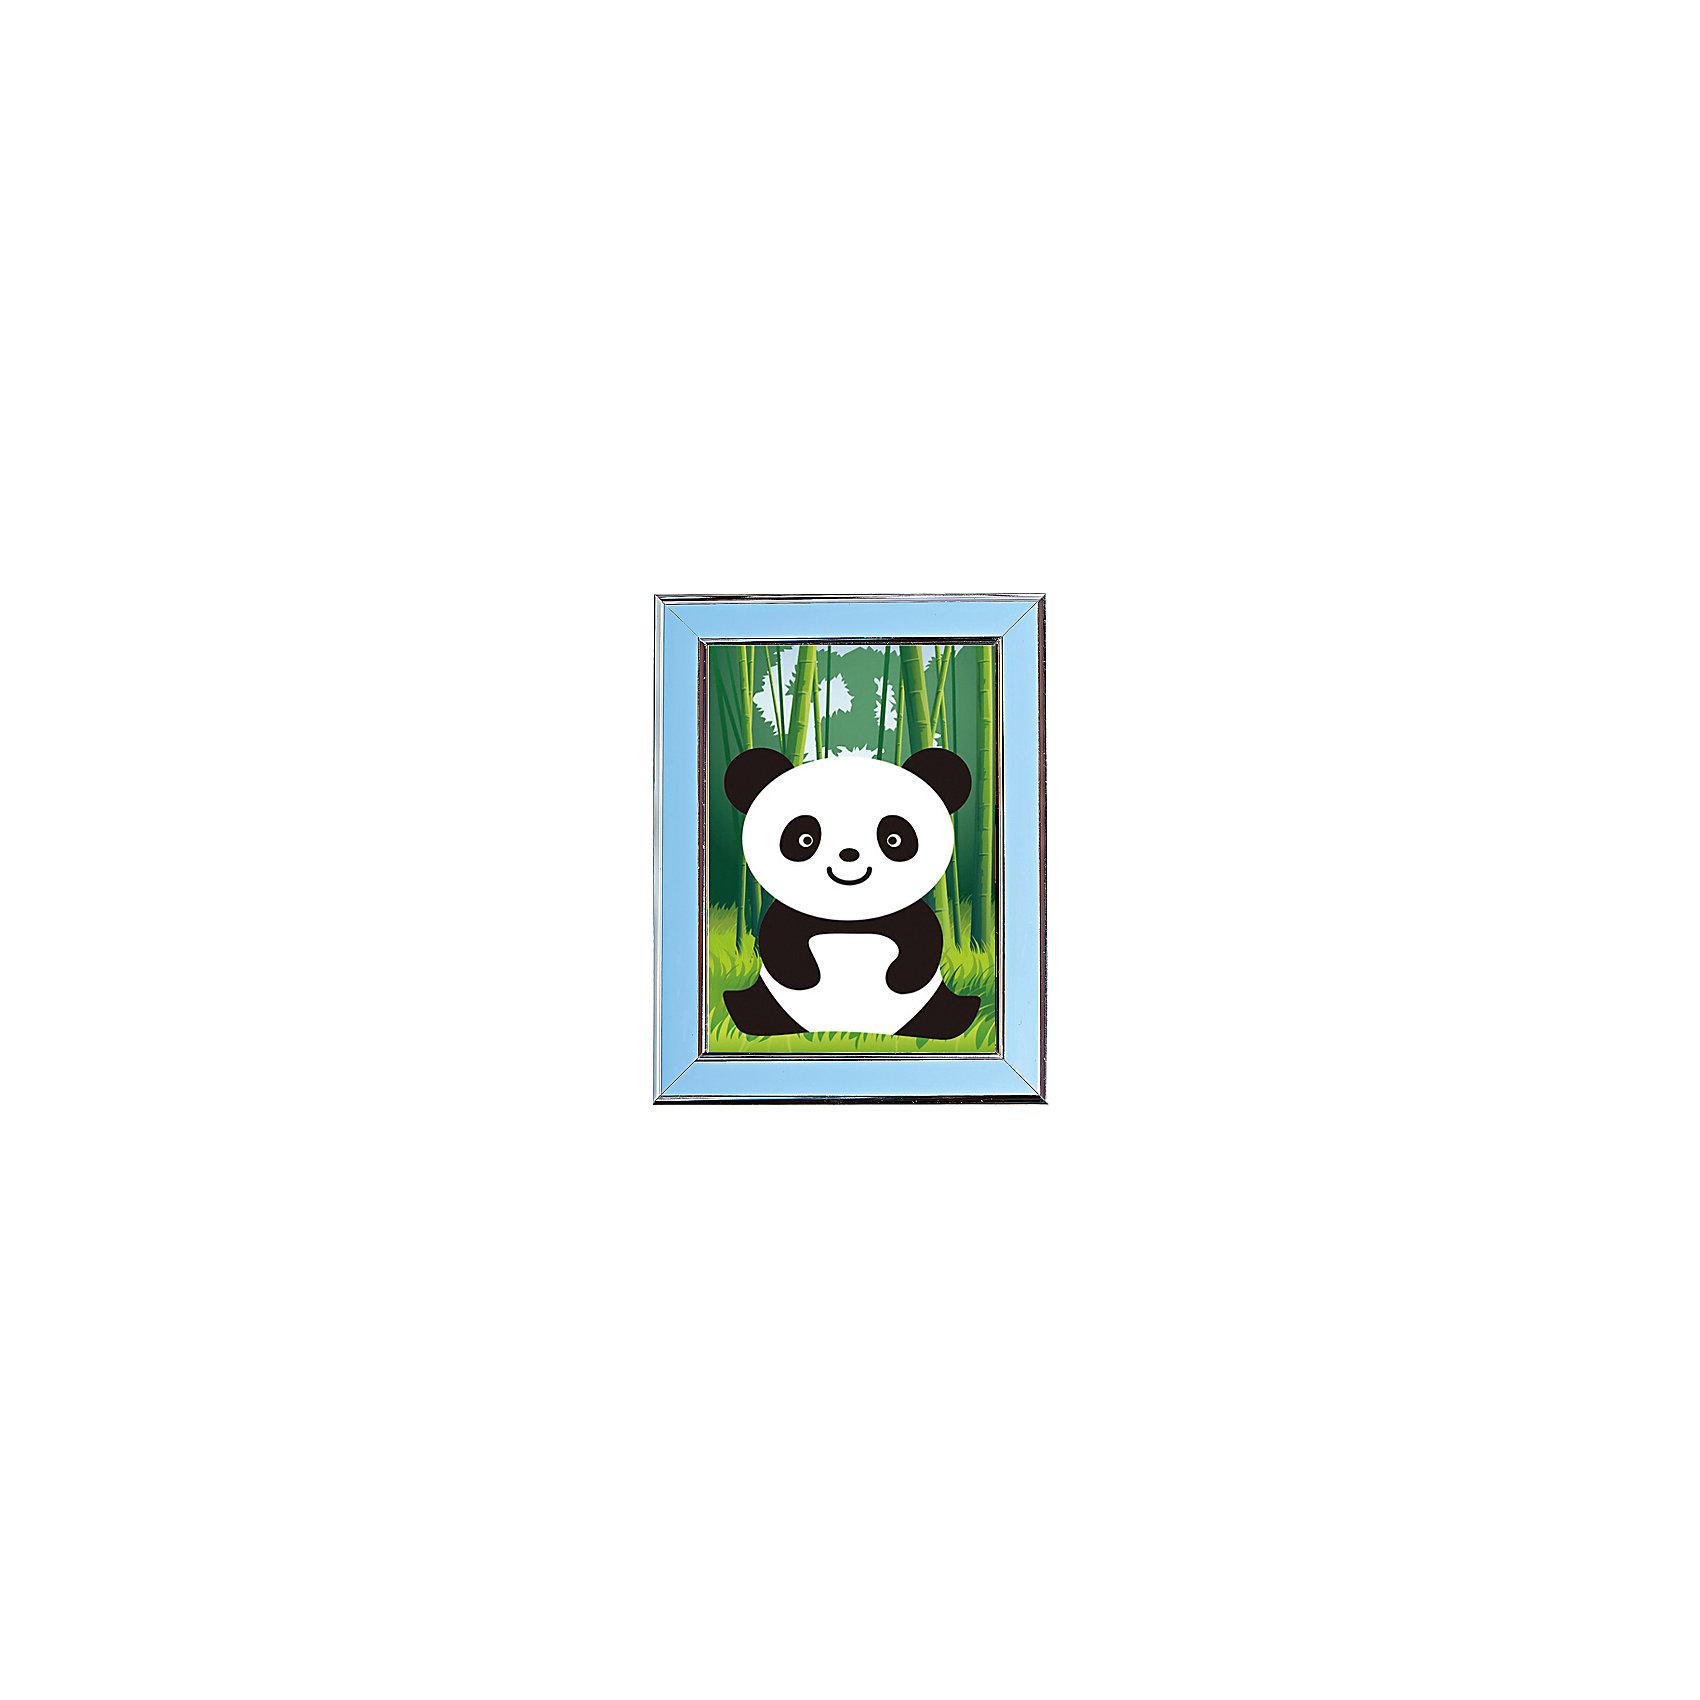 Мозаичная картина ПандаМозаика<br>Мозаичная картина Панда.<br><br>Характеристика: <br><br>• Материал: картон, пластик, клей. <br>• Размер картинки: 17х21 см. <br>• Размер мозаичного элемента: 2,5 мм. <br>• Комплектация: контейнер для элементов мозаики, мозаичные элементы, специальный клеевой карандаш, трафарет со схемой рисунка, декоративная пластиковая рамка с оргстеклом. <br>• Яркие, насыщенные цвета. <br>• Отлично развивает моторику рук, внимание, мышление и воображение. <br><br>Создание картины из мозаики - увлекательное и полезное занятие, в процессе которого ребенок сможет развить моторику рук, внимание, усидчивость, цветовосприятие и воображение. В этом наборе уже есть все для создания маленького шедевра! Нужно лишь приклеить мозаичные элементы на основу с нанесенным контуром - и яркая картинка готова.<br><br>Мозаичную картину Панда можно купить в нашем магазине.<br><br>Ширина мм: 200<br>Глубина мм: 225<br>Высота мм: 30<br>Вес г: 250<br>Возраст от месяцев: 84<br>Возраст до месяцев: 36<br>Пол: Унисекс<br>Возраст: Детский<br>SKU: 5417615